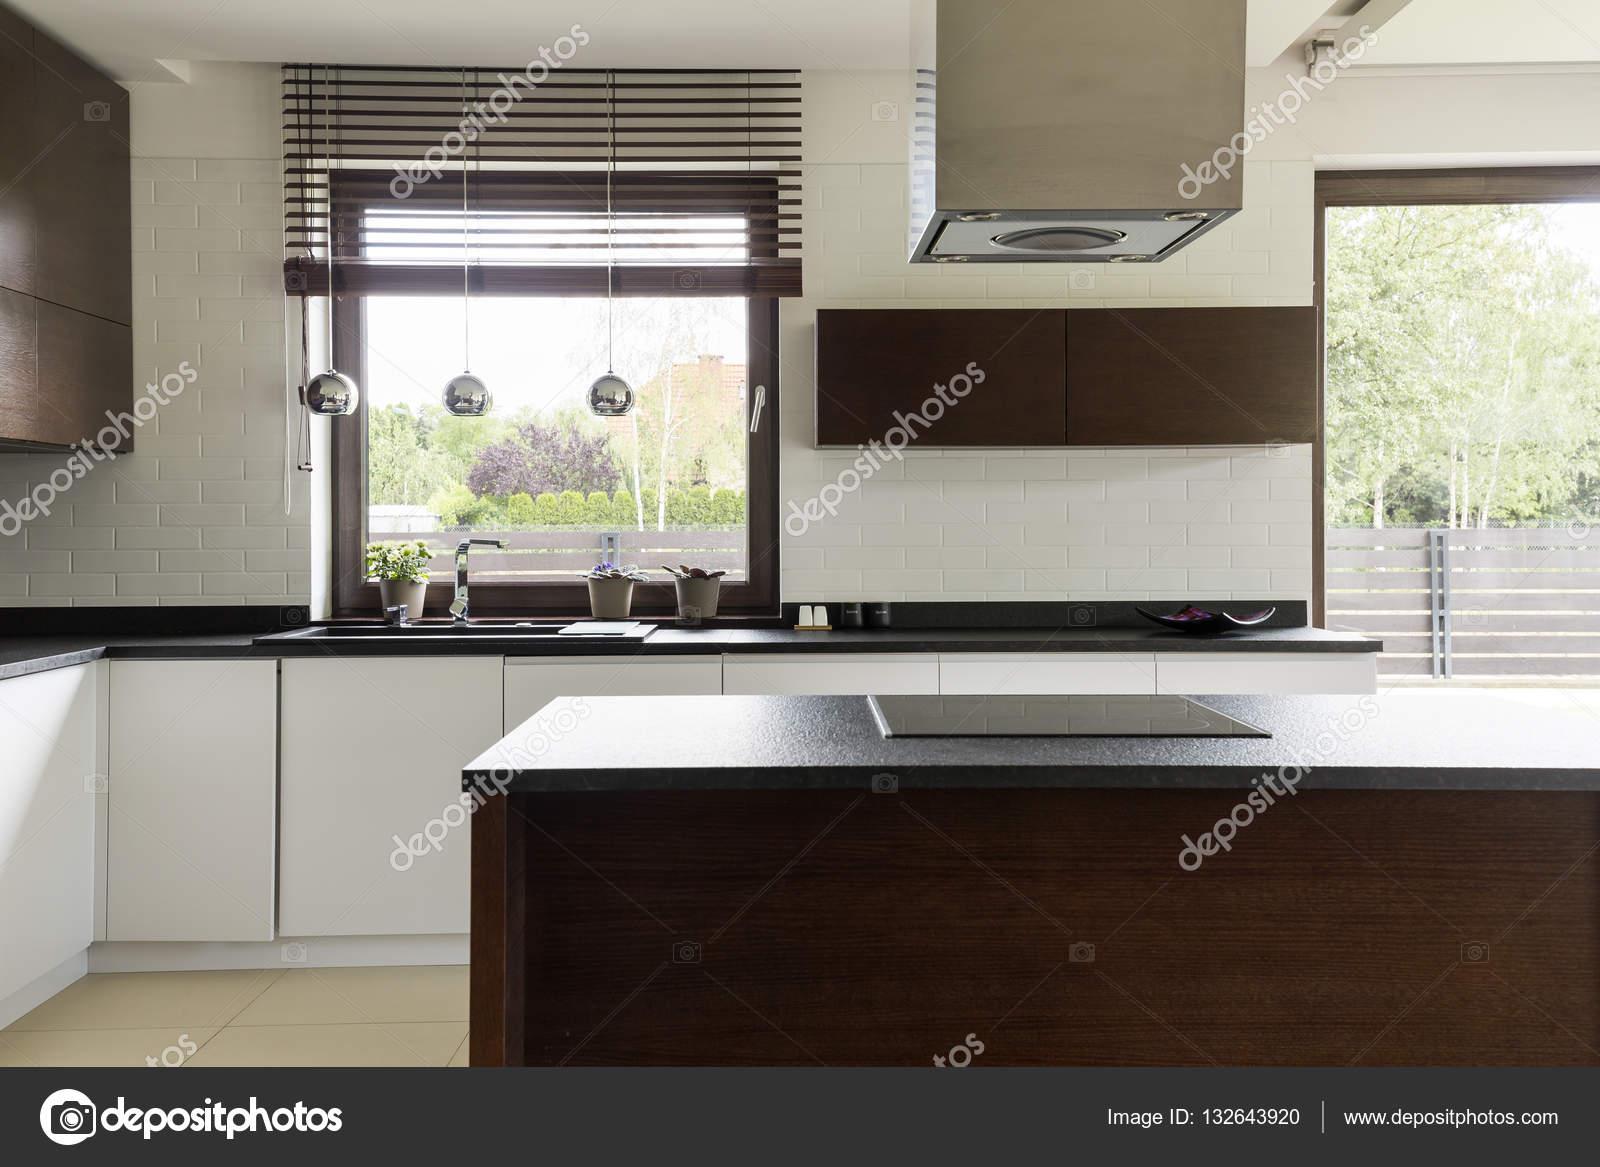 Moderne Kuche Mit Weissen Schrank Stockfoto C Photographee Eu